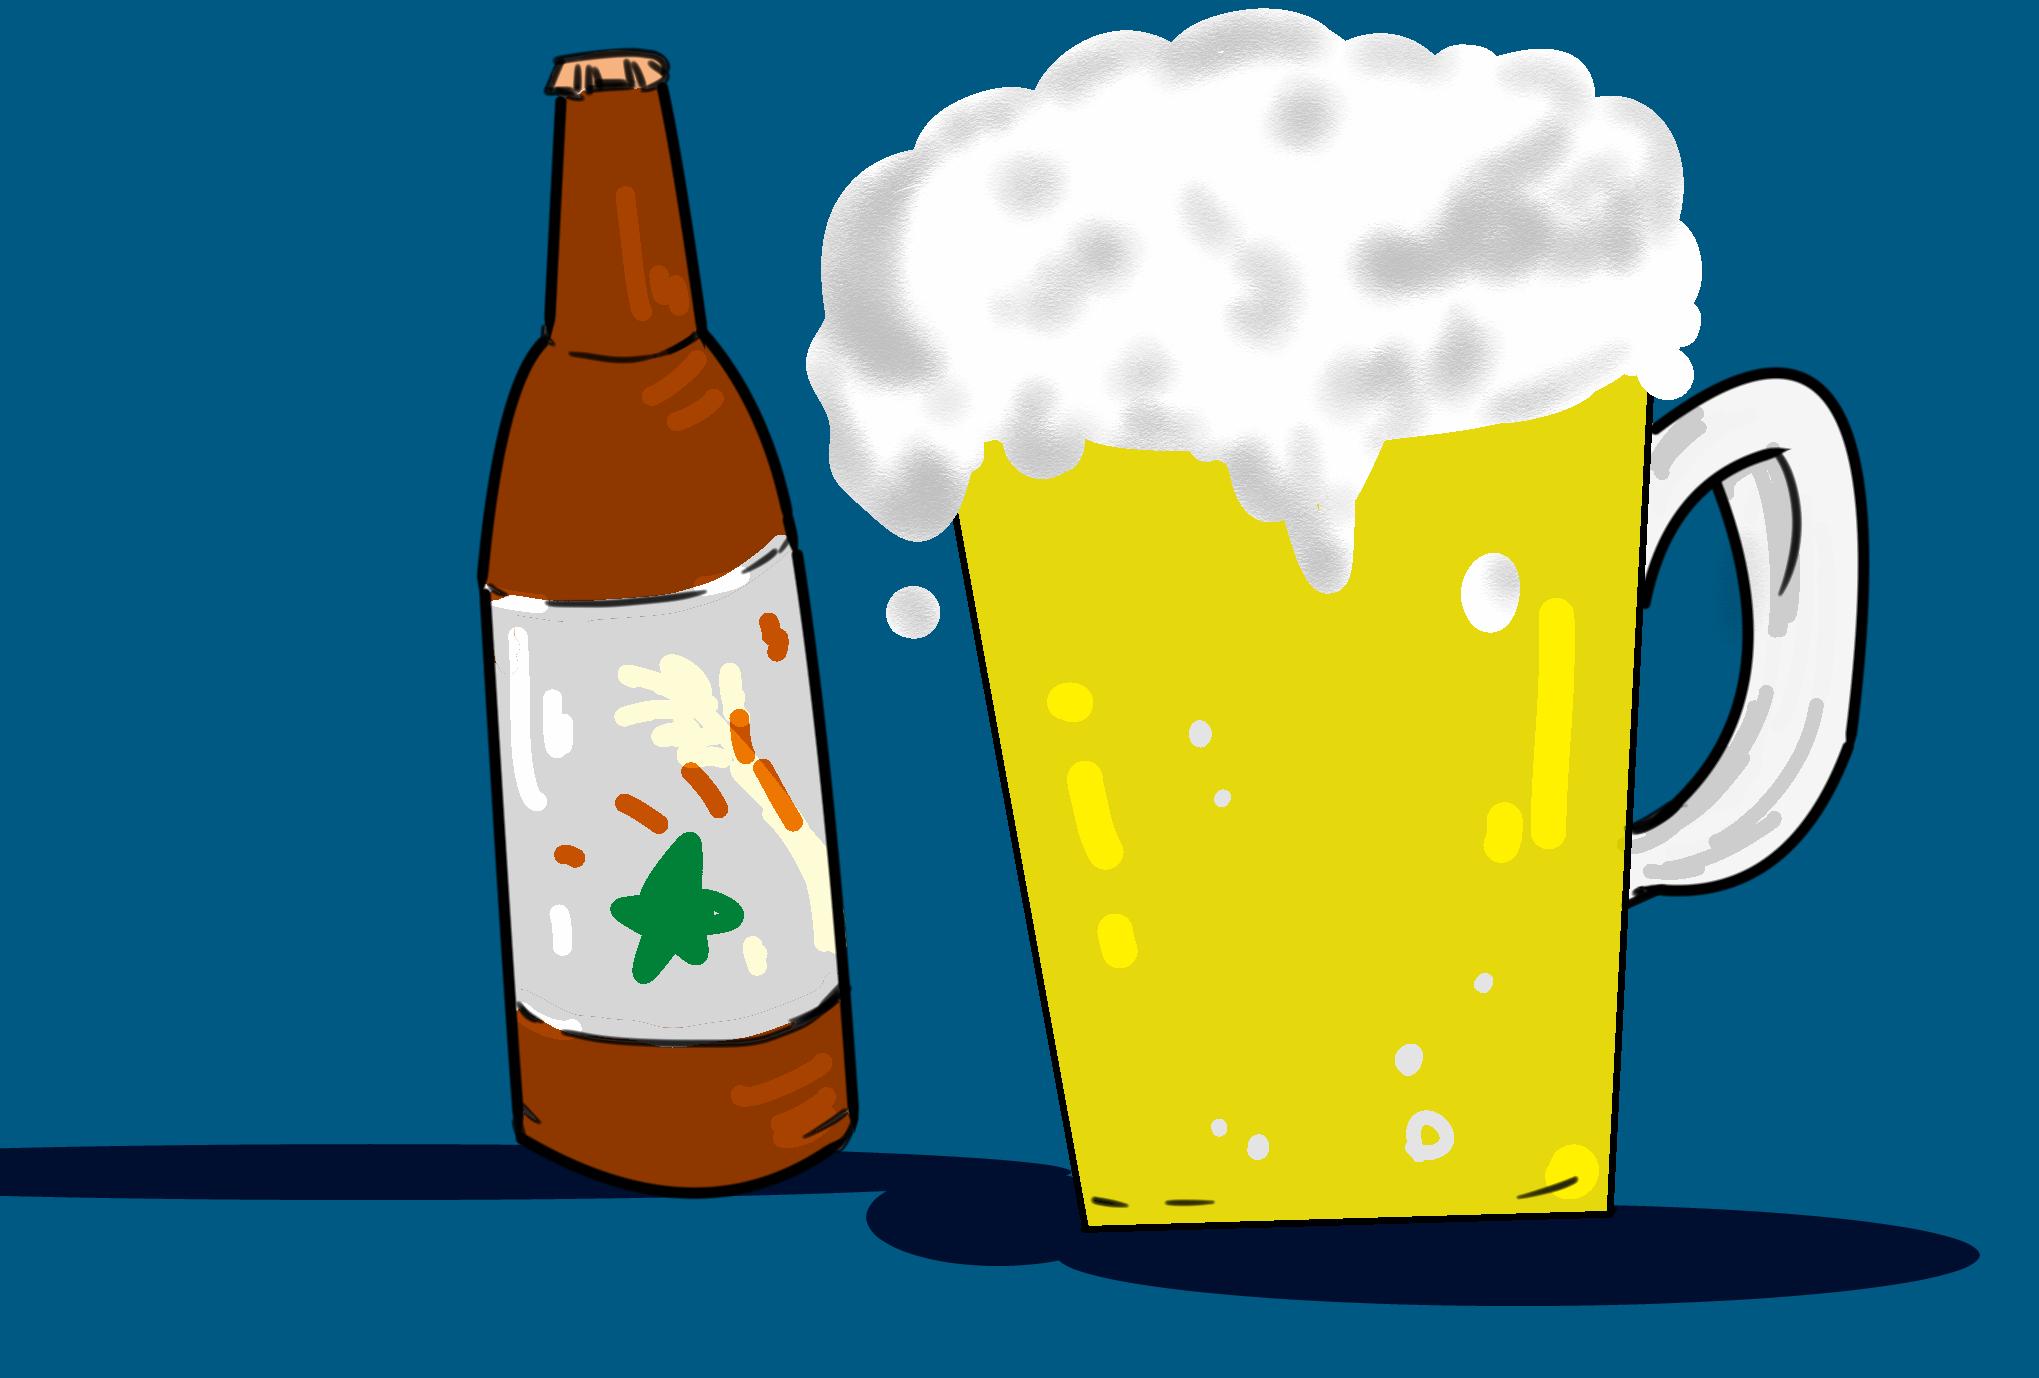 ビールアレルギーの原因は一つじゃない?呑んでかゆみが出るのは??